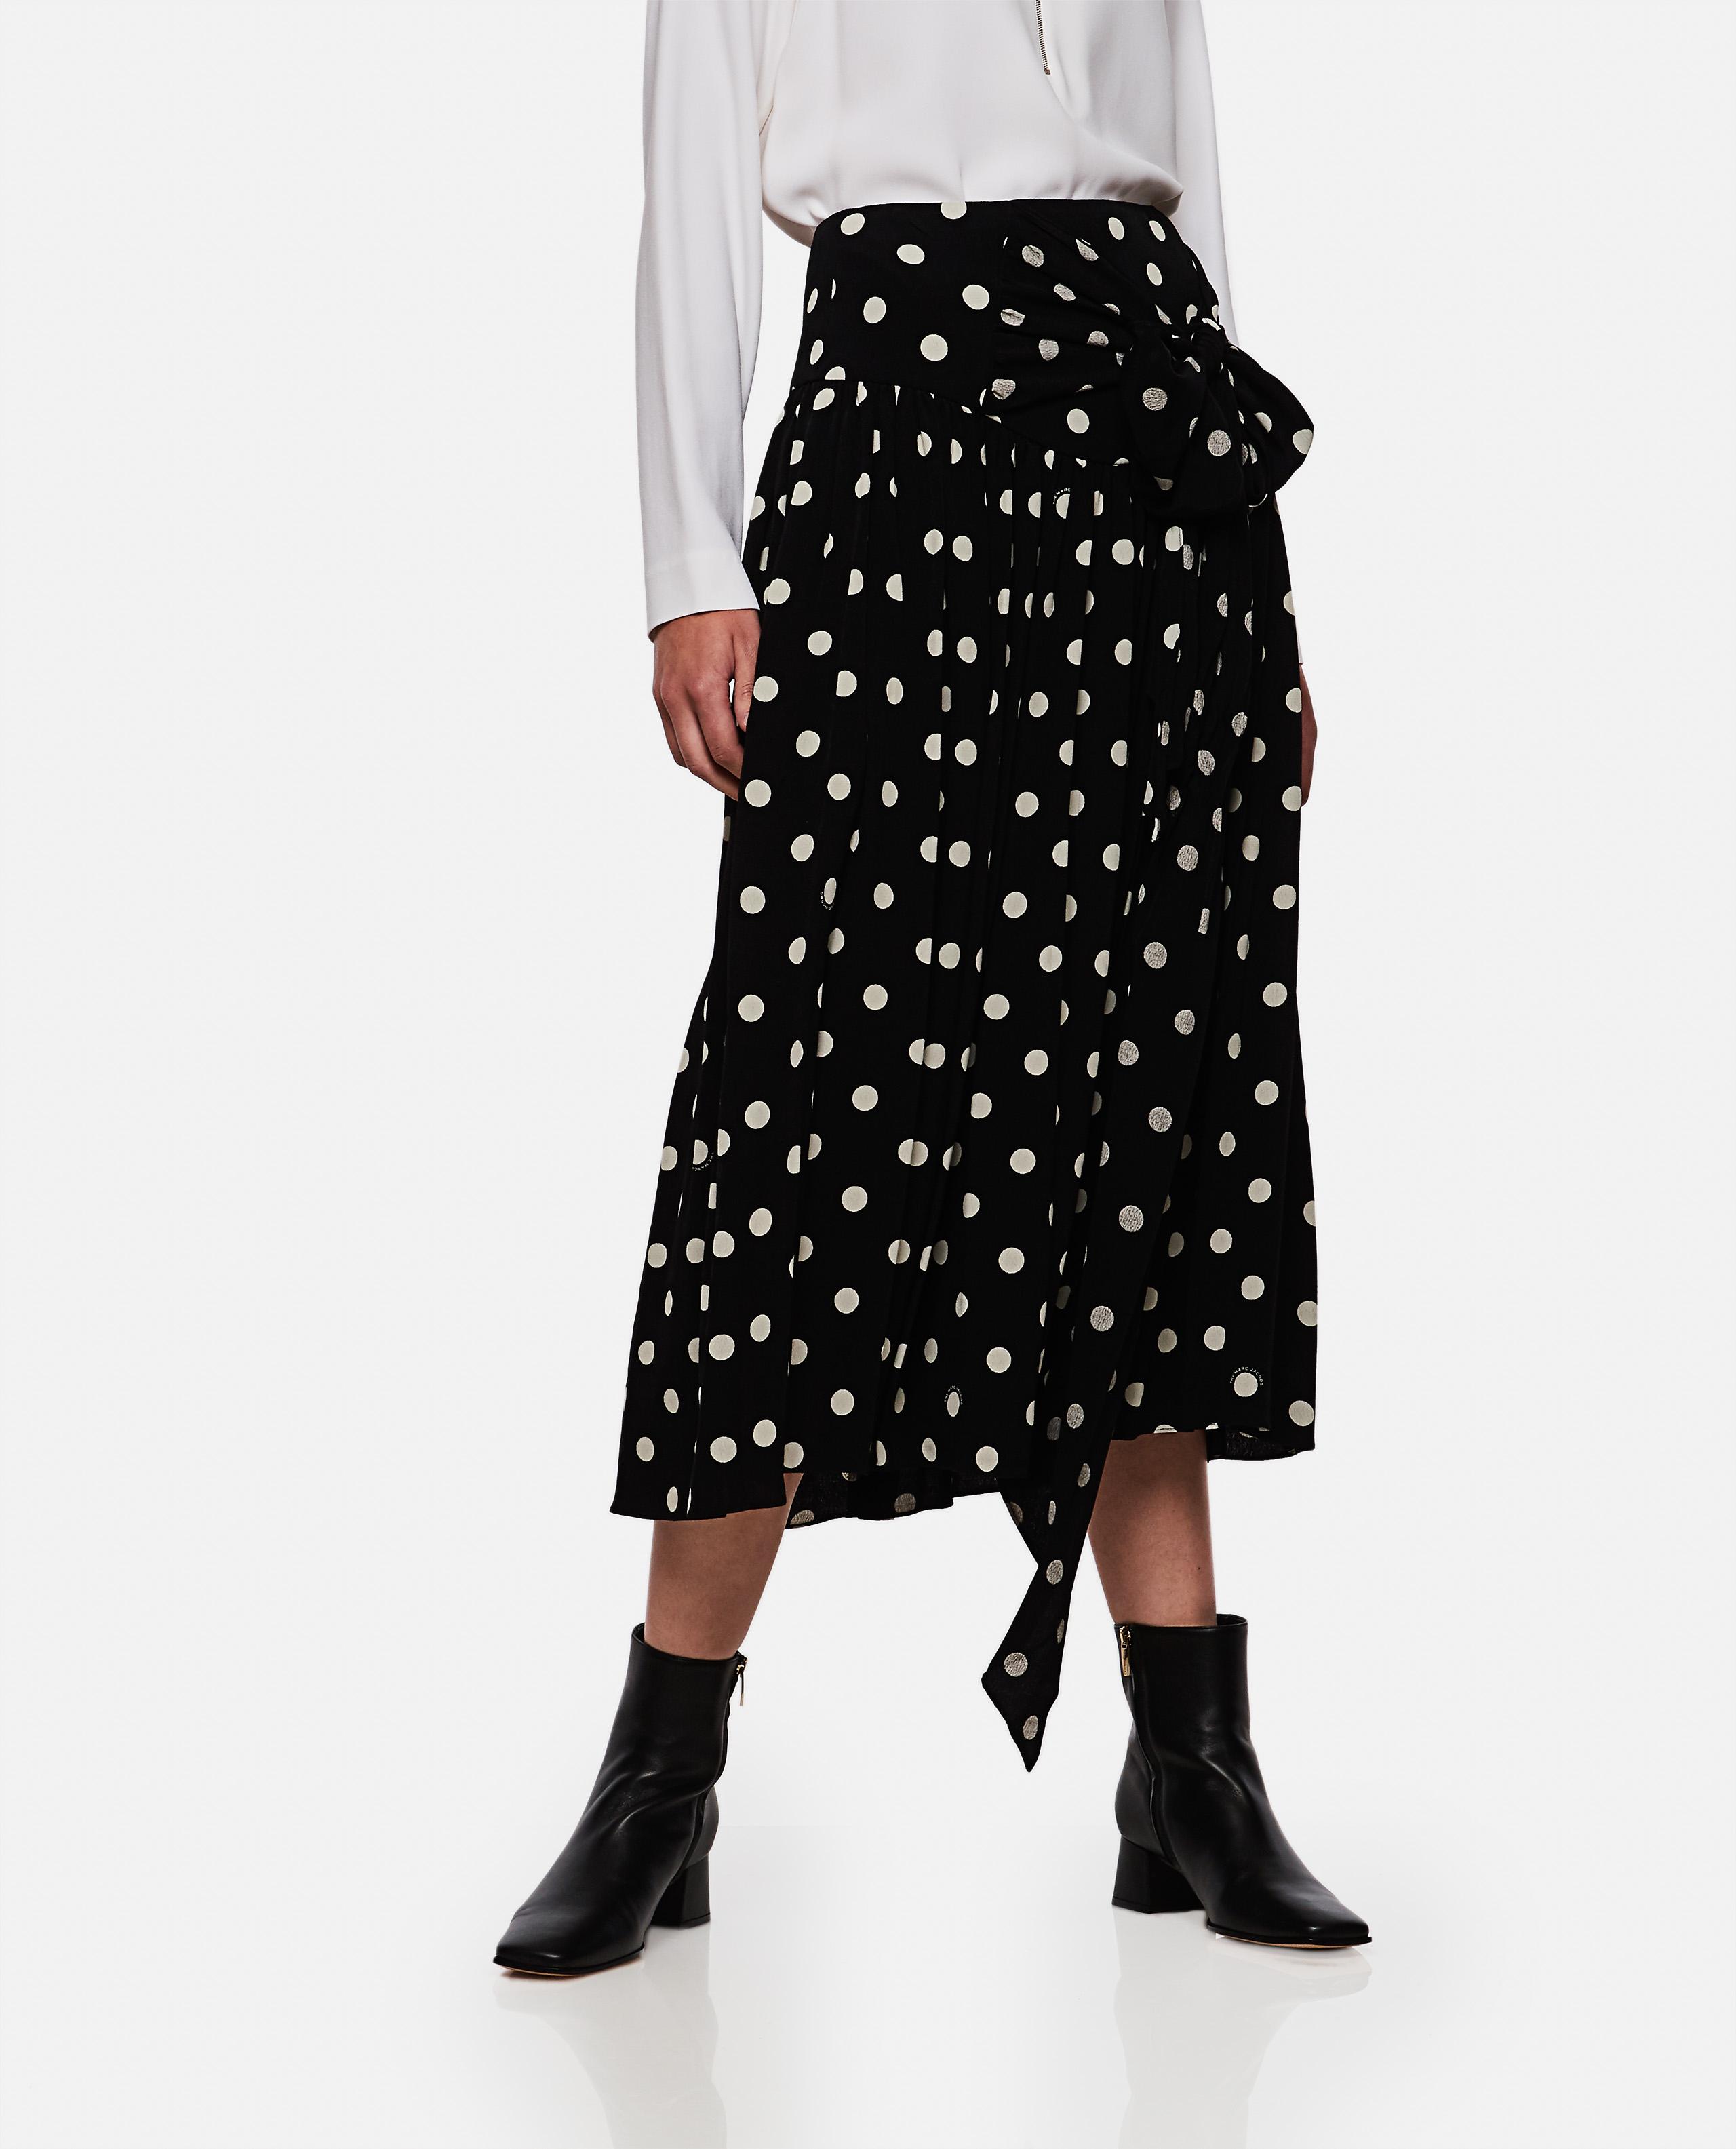 The 80's Skirt